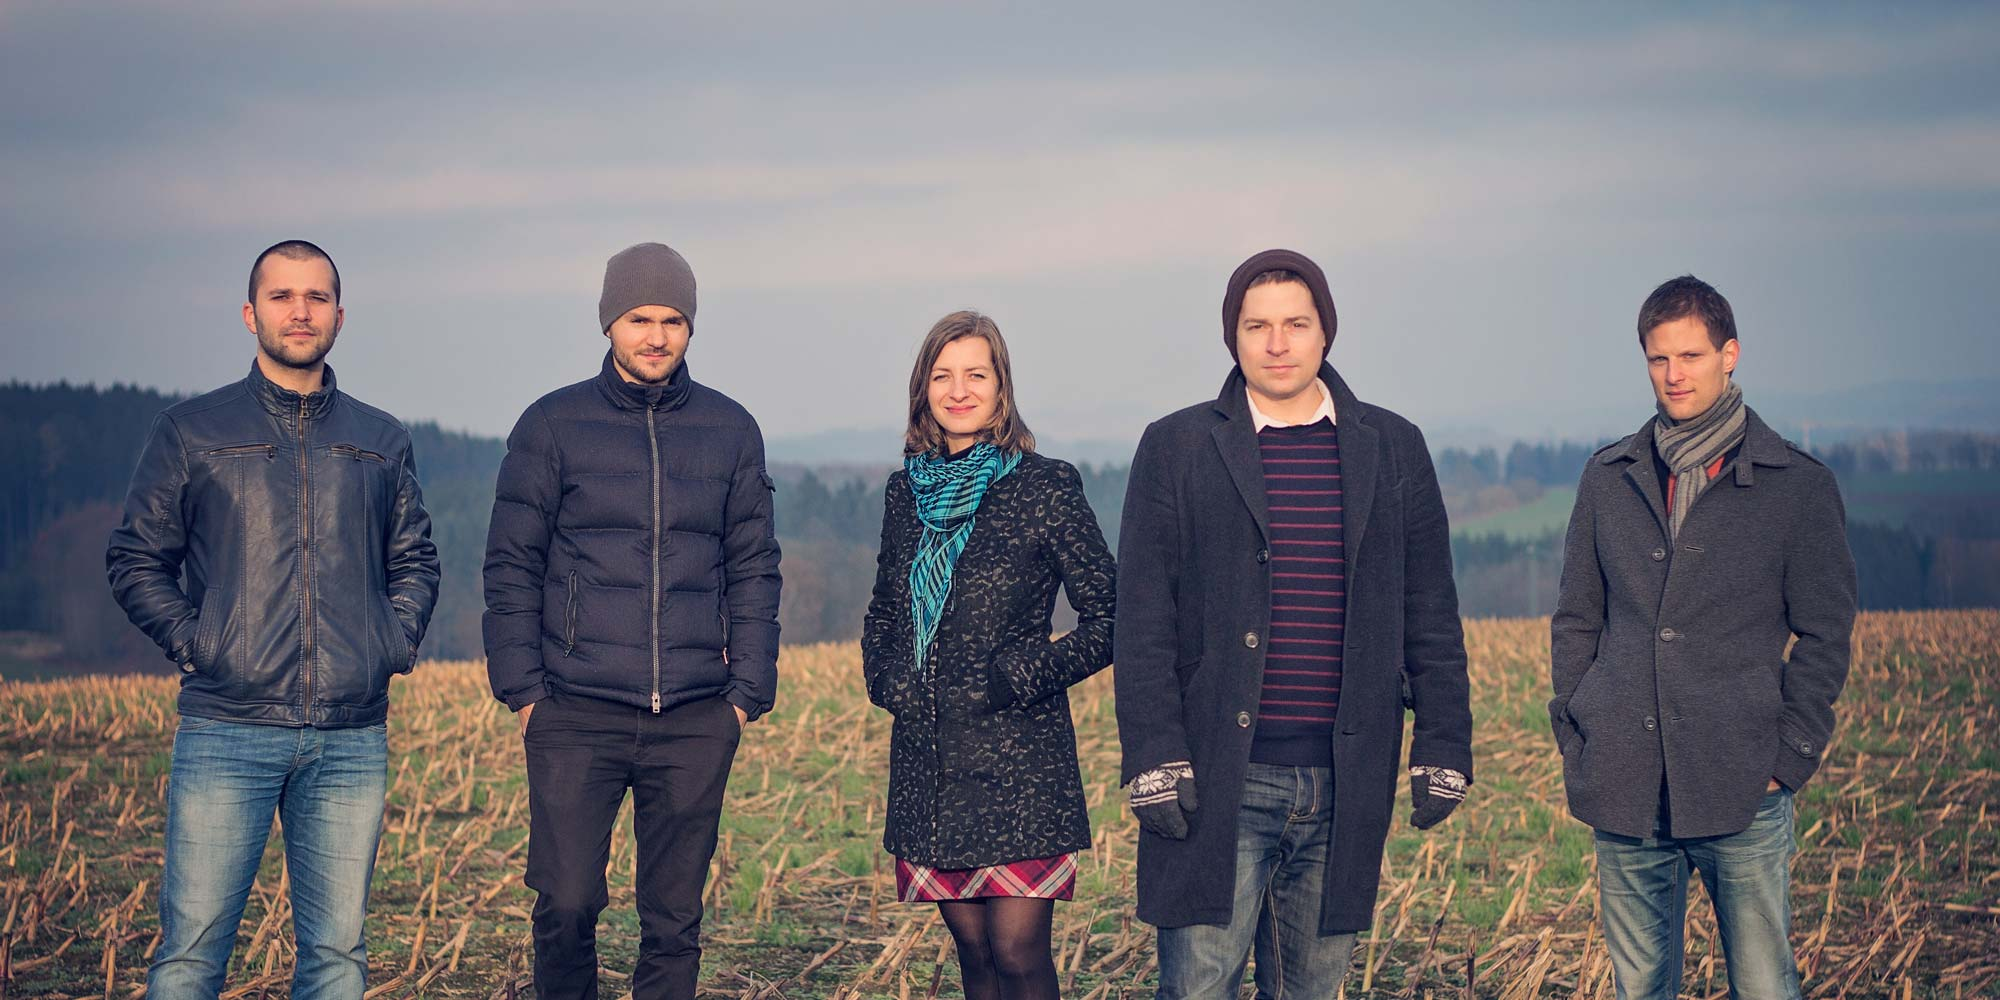 Česko-polsky kvintet Inner Spaces. Zleva: Grzegorz Masłowski, Max Mucha, Štěpánka Balcarová, Vít Křišťan a Luboš Soukup